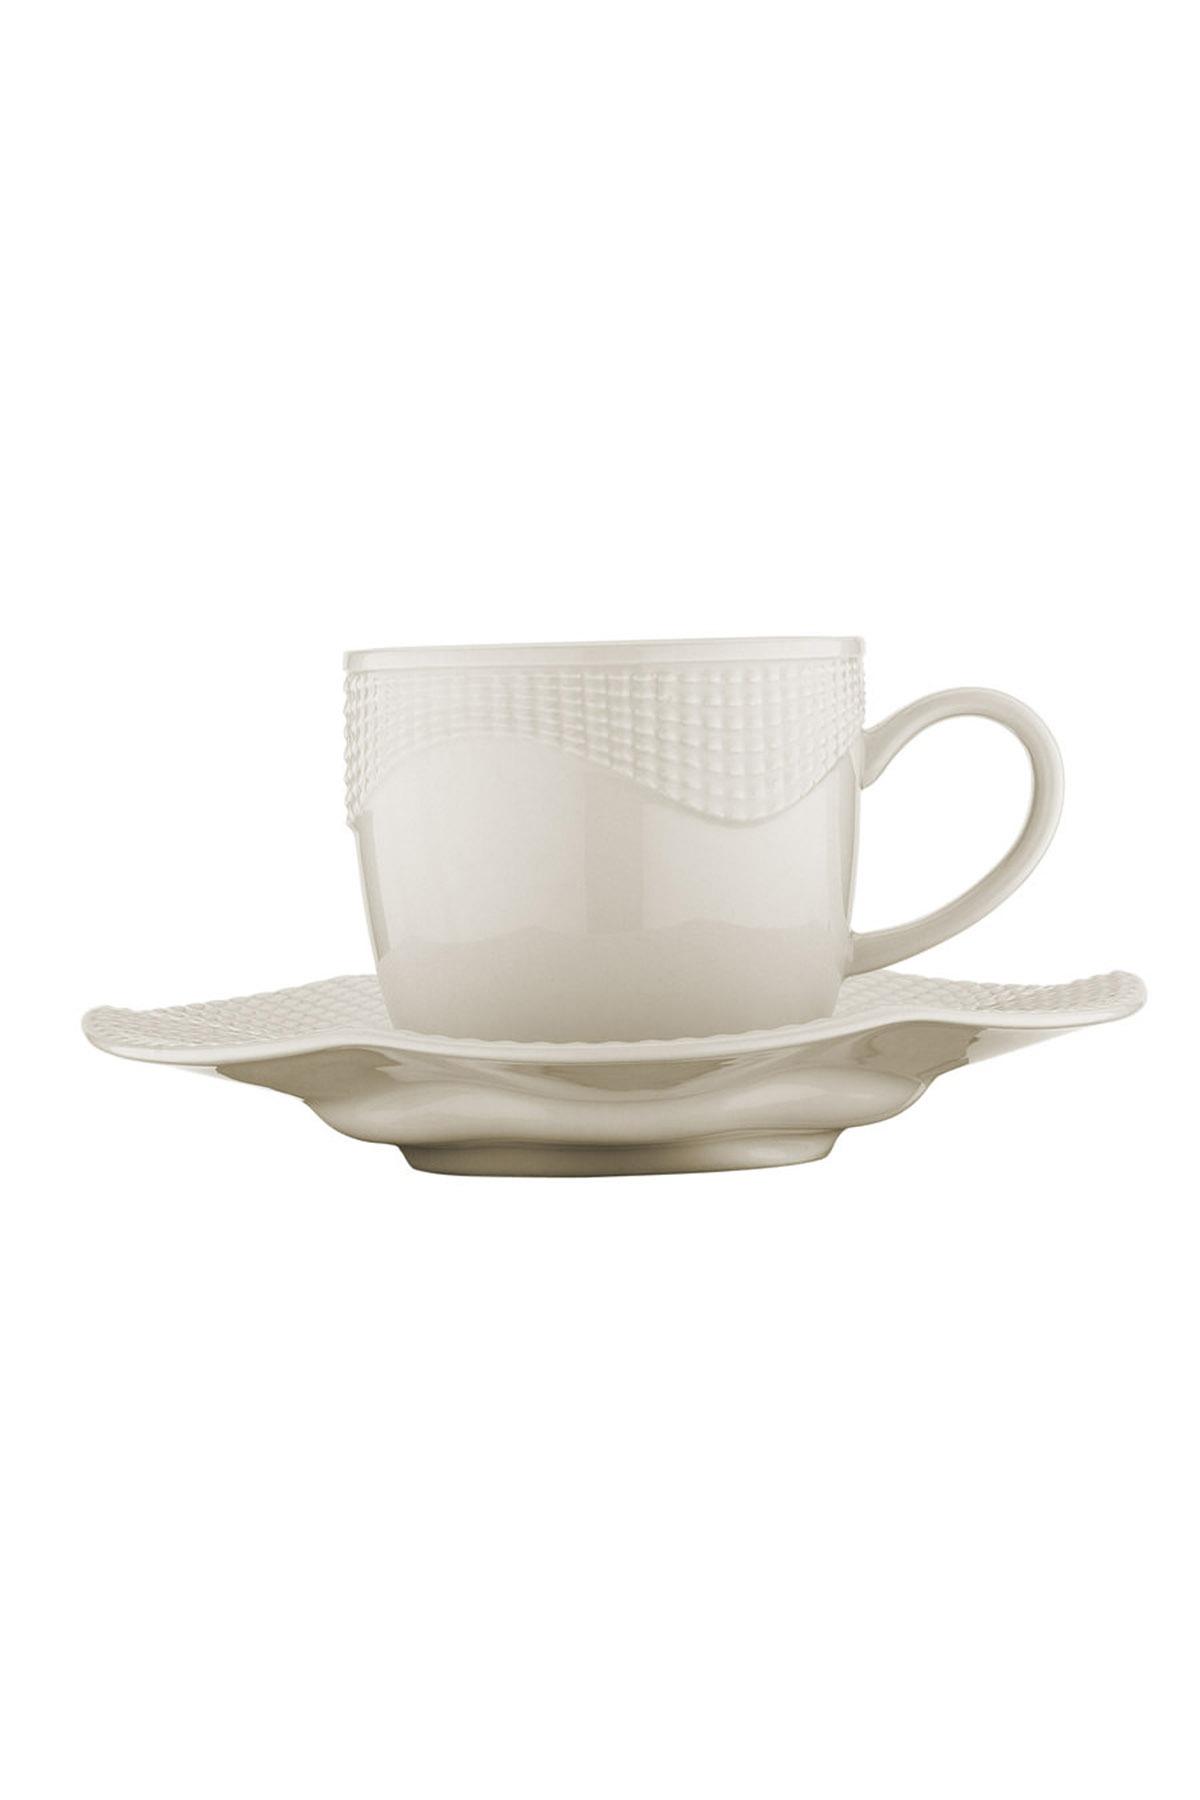 Kütahya Porselen - Kütahya Porselen Milena Krem Kahve Fincan Takımı